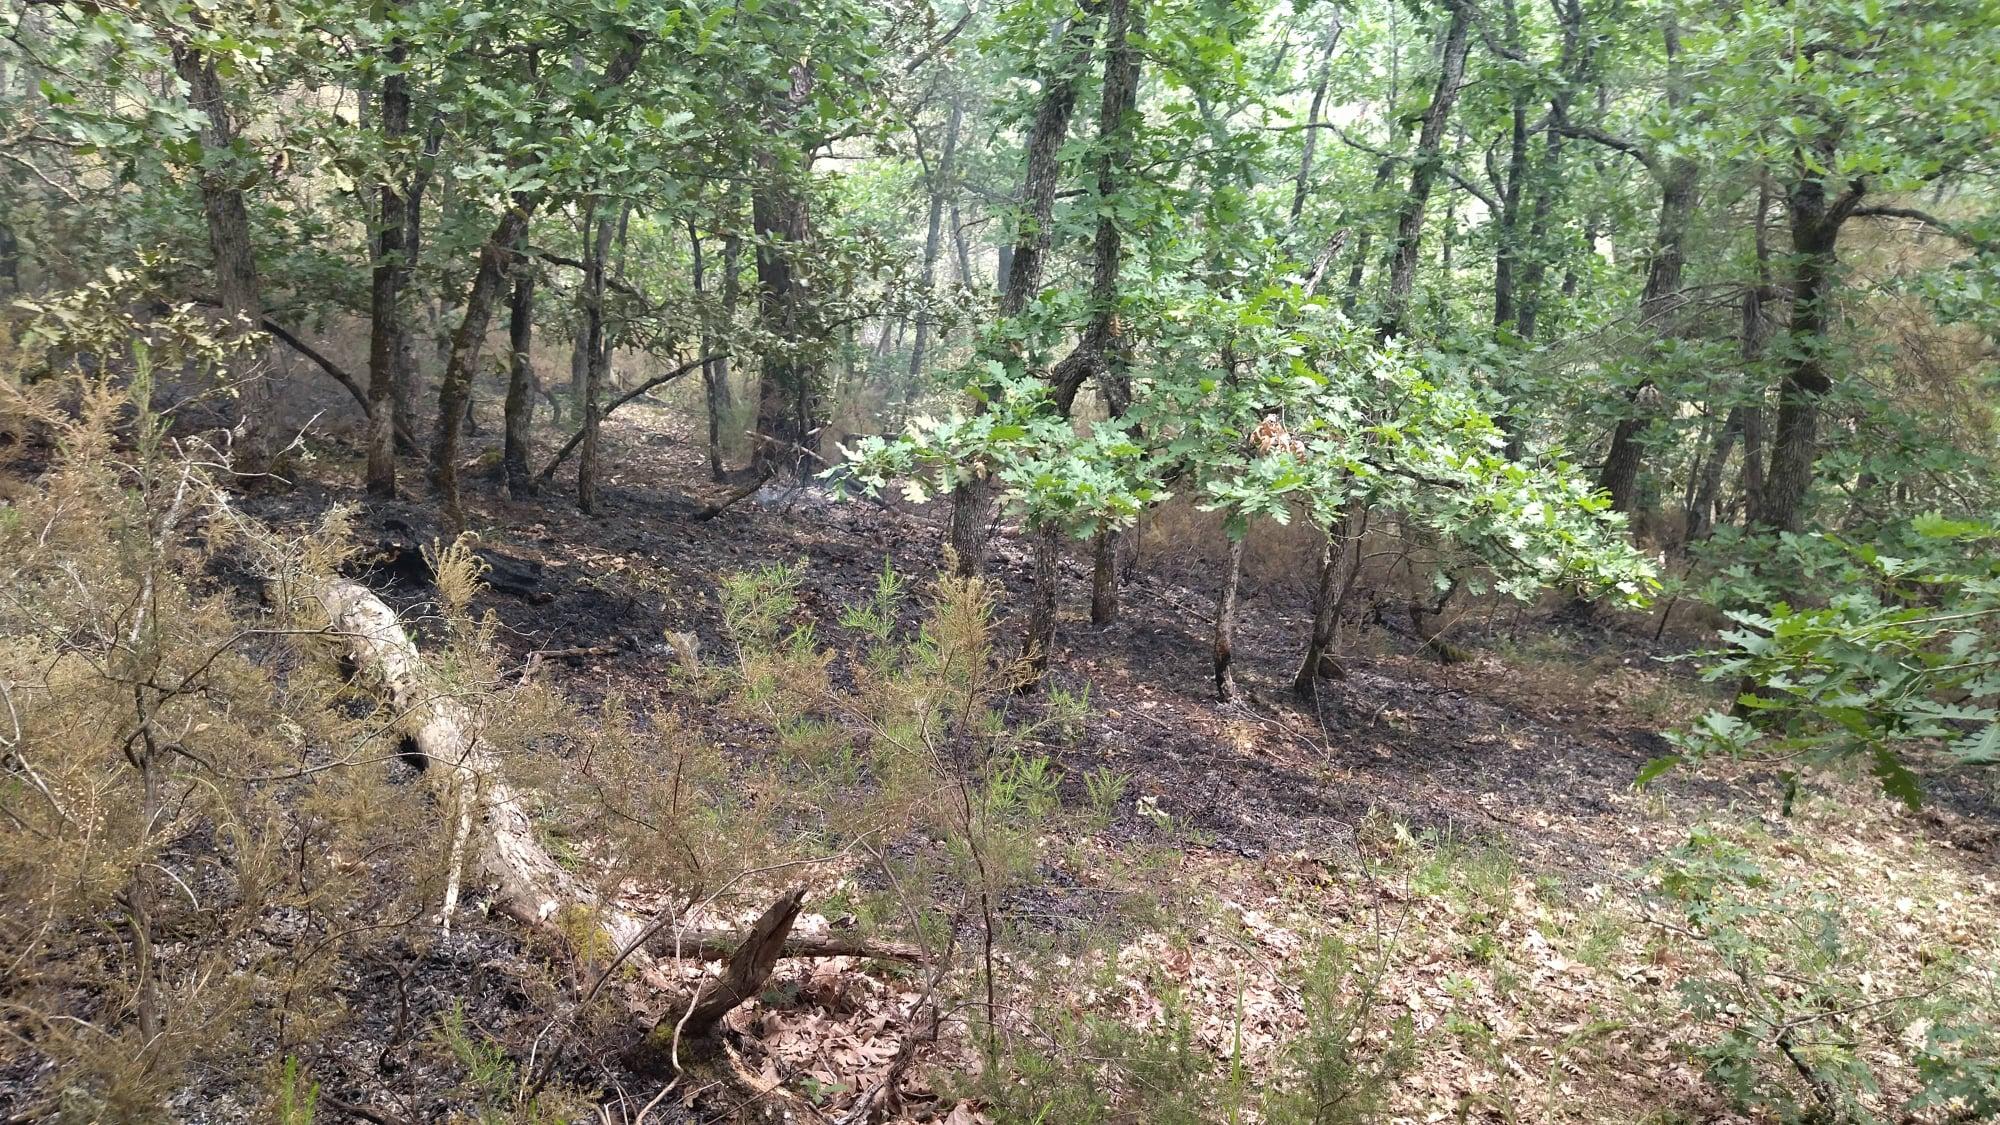 Πυρκαγιά στο Εθνικό Πάρκο Δάσους Δαδιάς – Λευκίμης – Σουφλίου